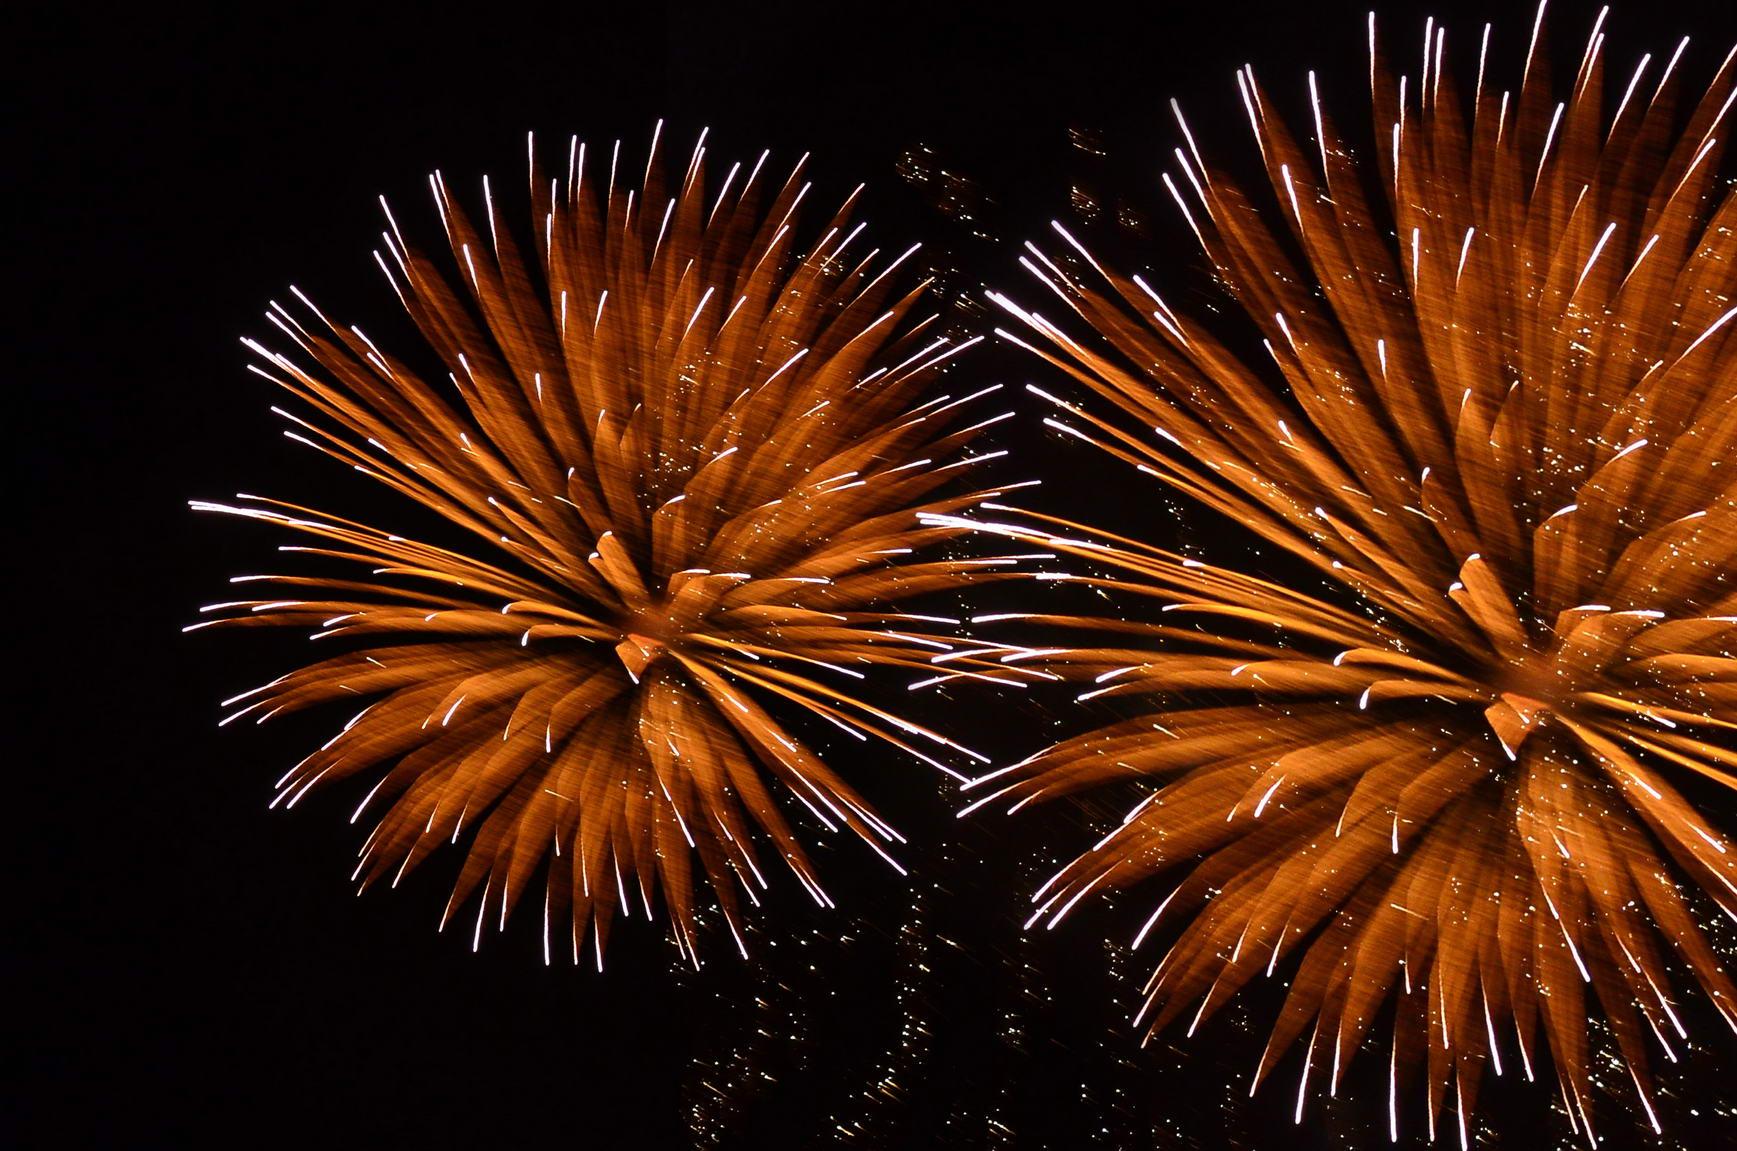 Προσοχή στα πυροτεχνήματα ενόψει Πάσχα